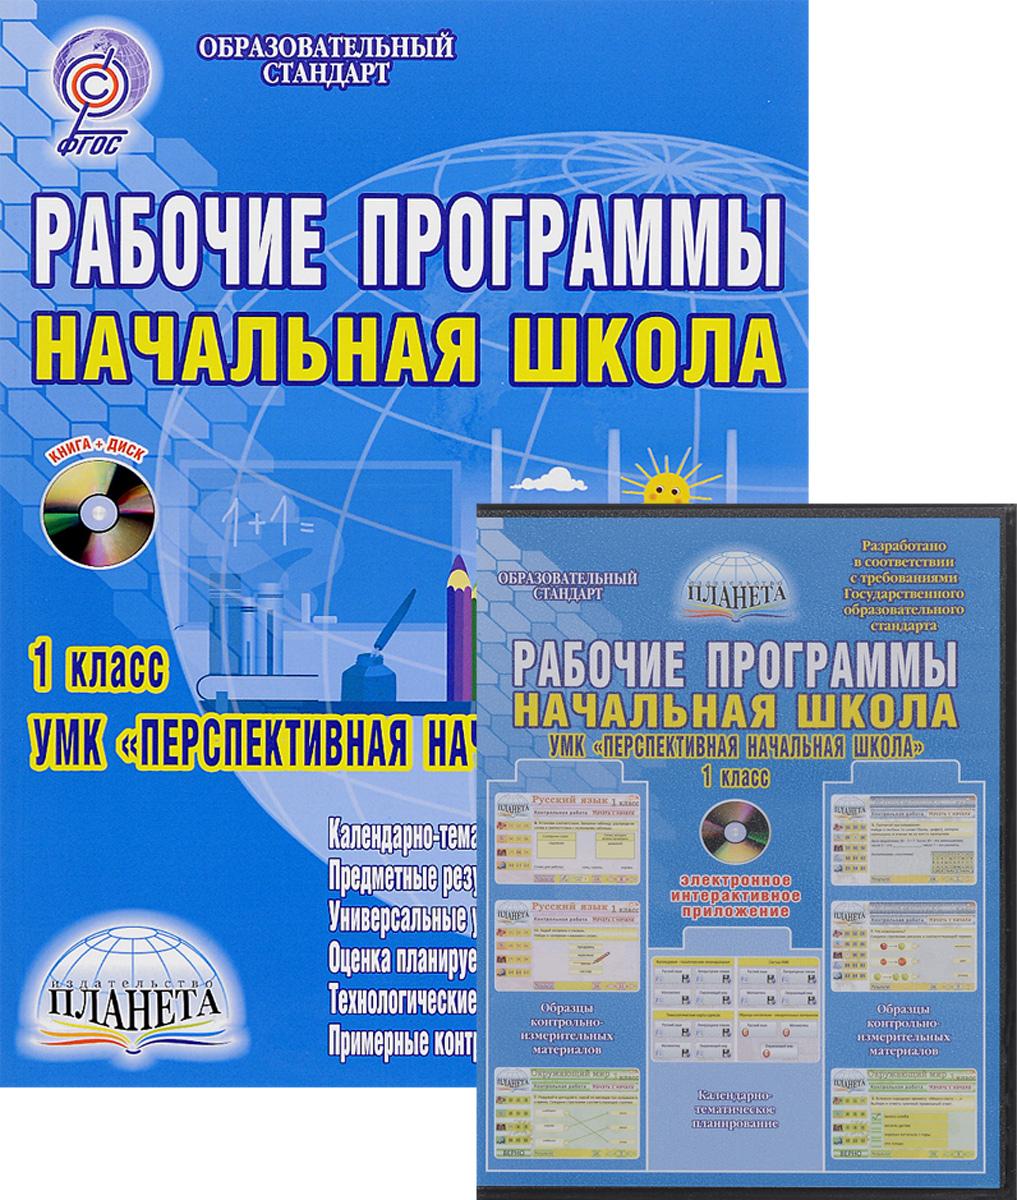 Рабочие программы нач.школа 1 кл. (Перспективная начальная школа)+CD